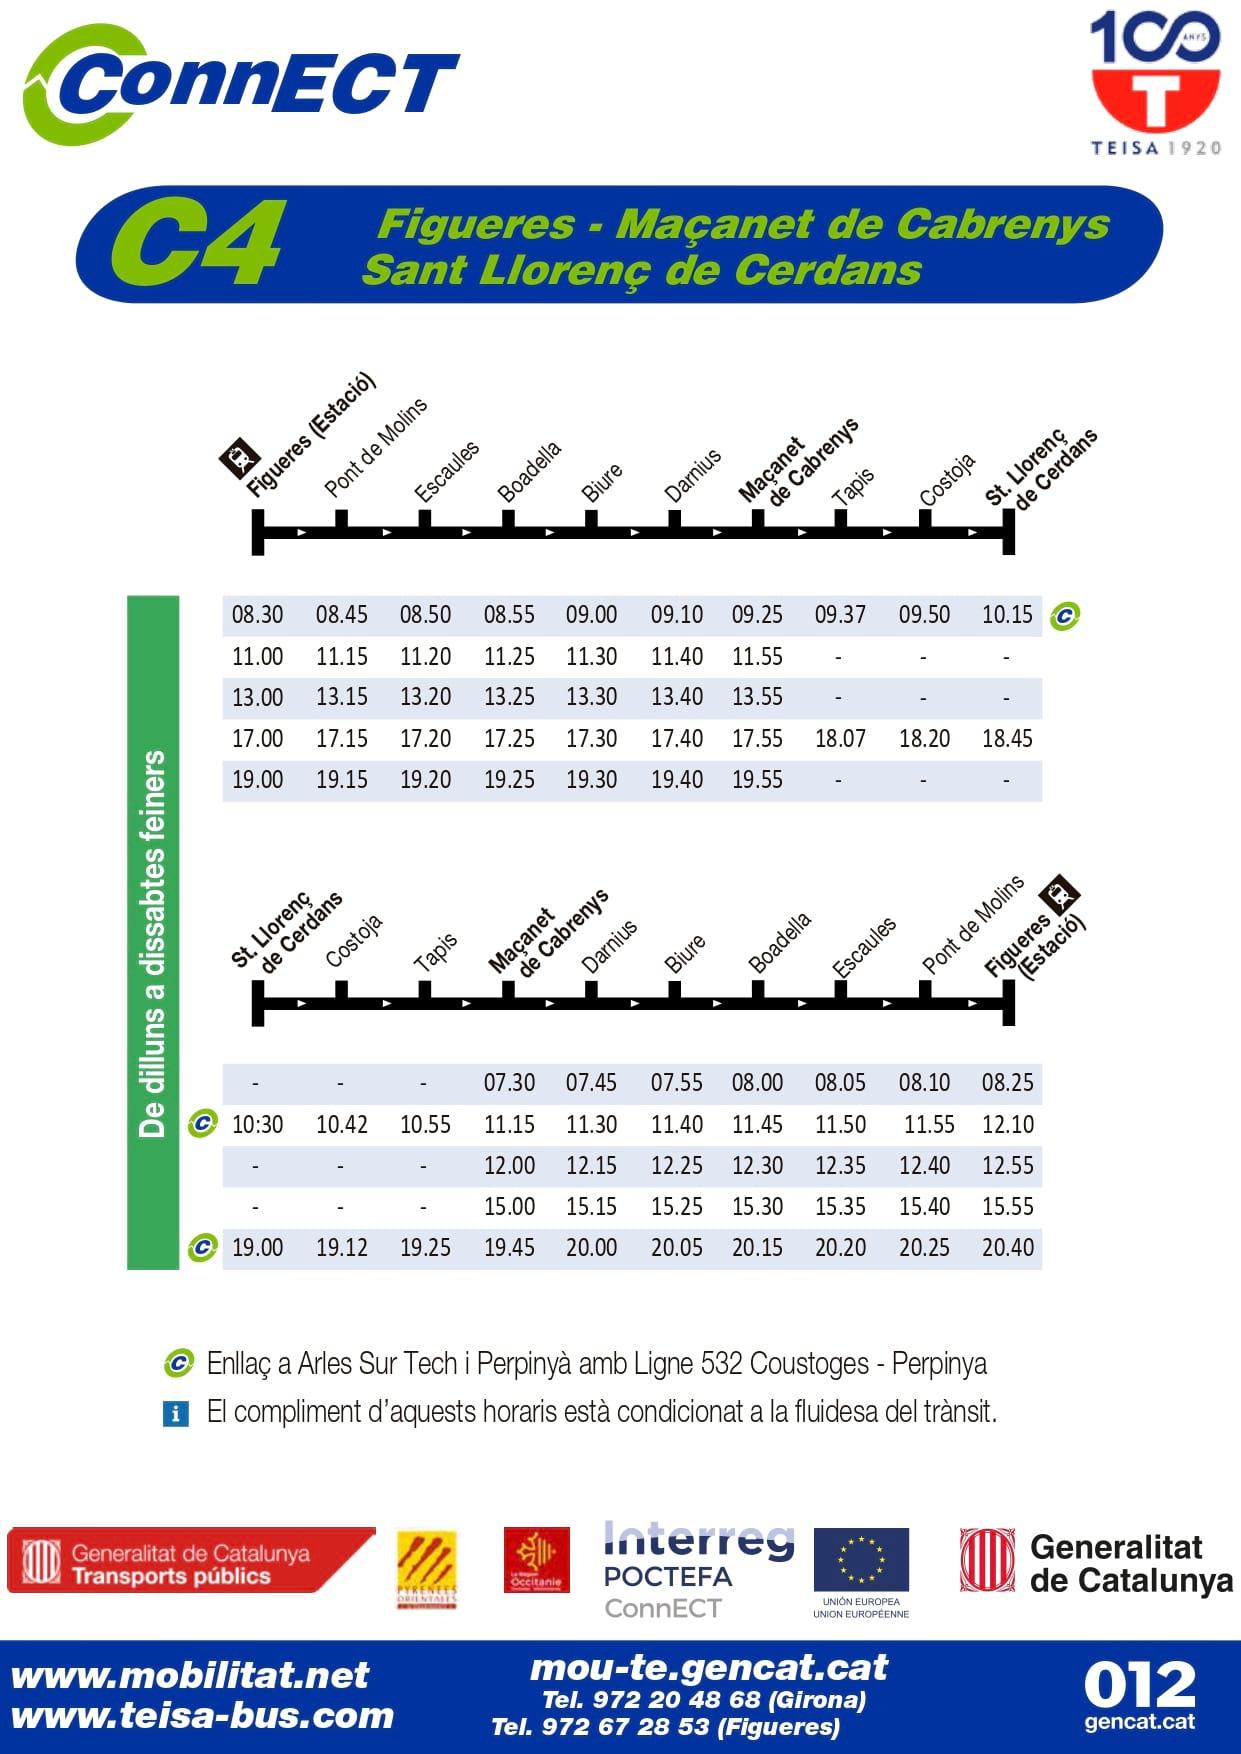 C4 bus catalonia